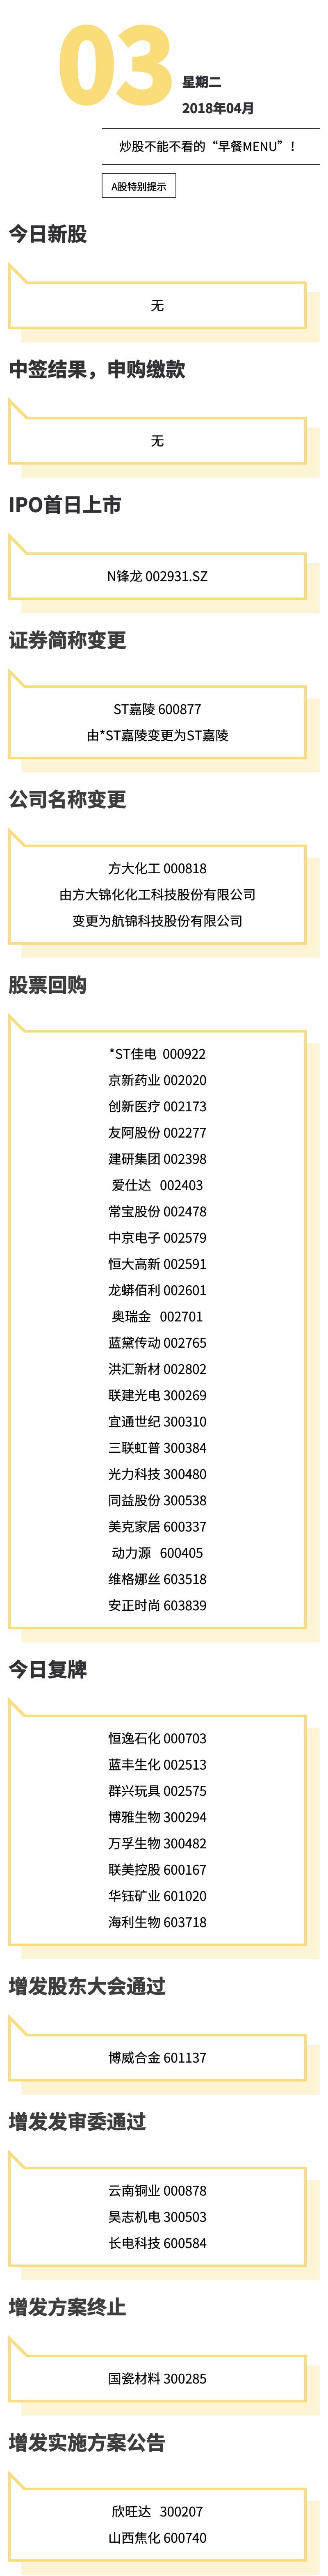 A股特别提示(2018-04-03)1.jpg